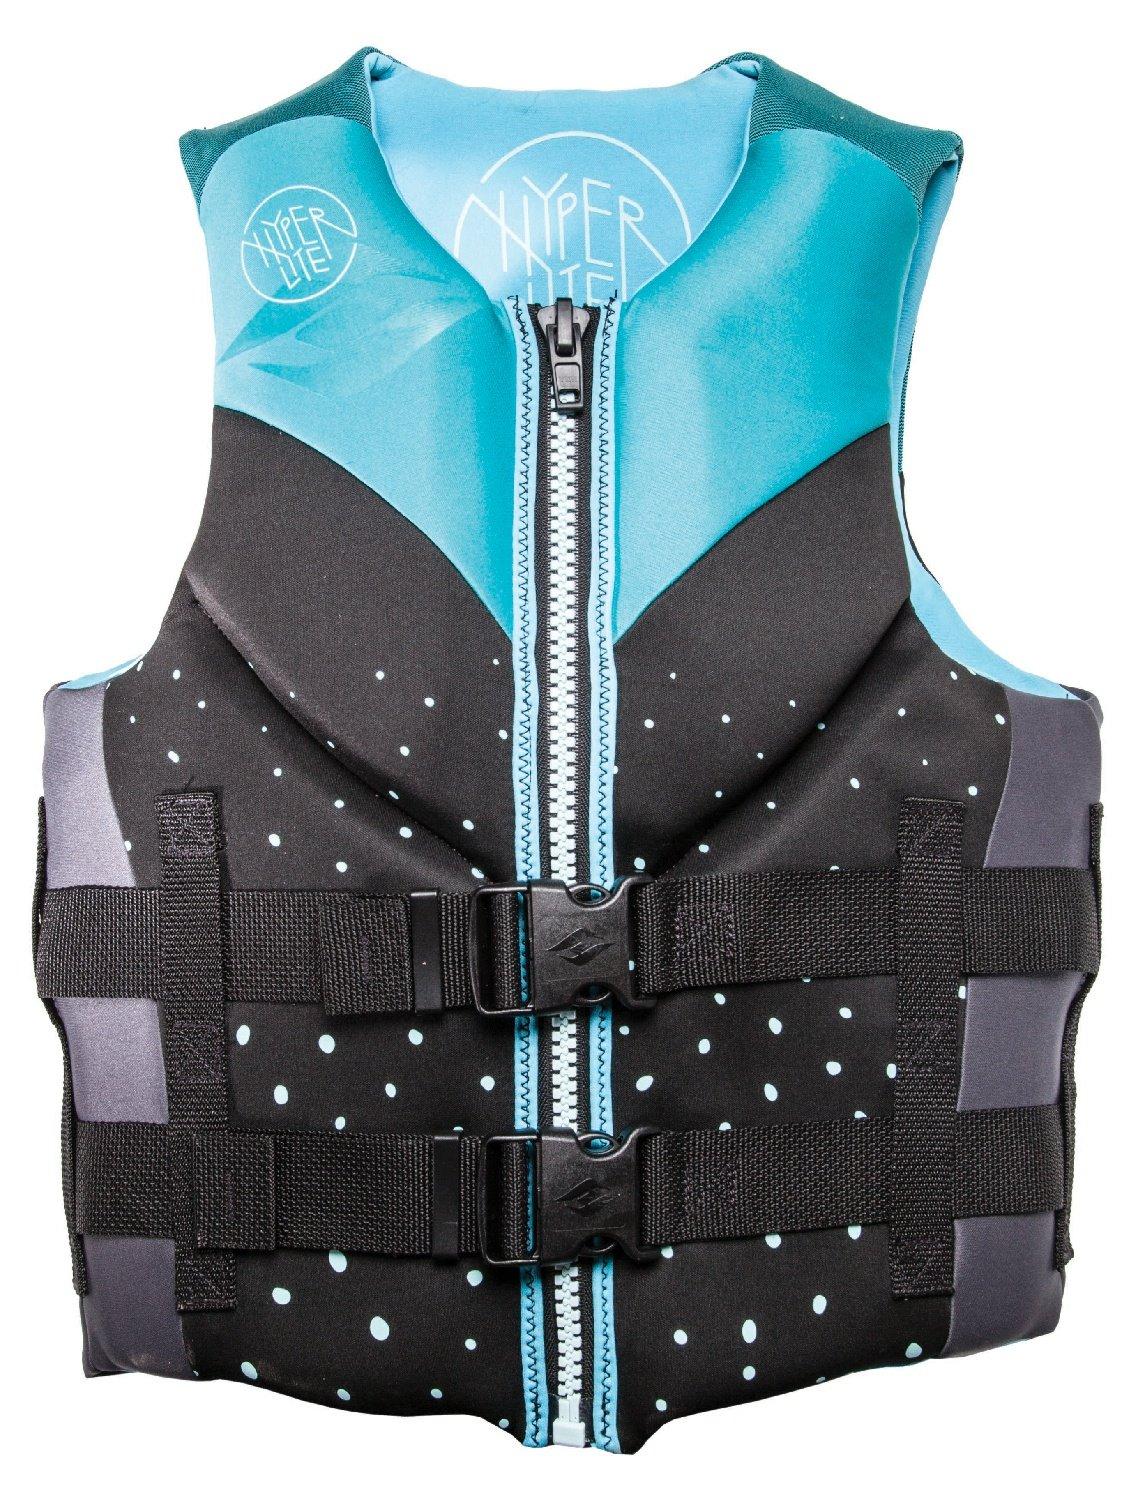 HL Womens Indy Neo Vest Aqua Small 86001022